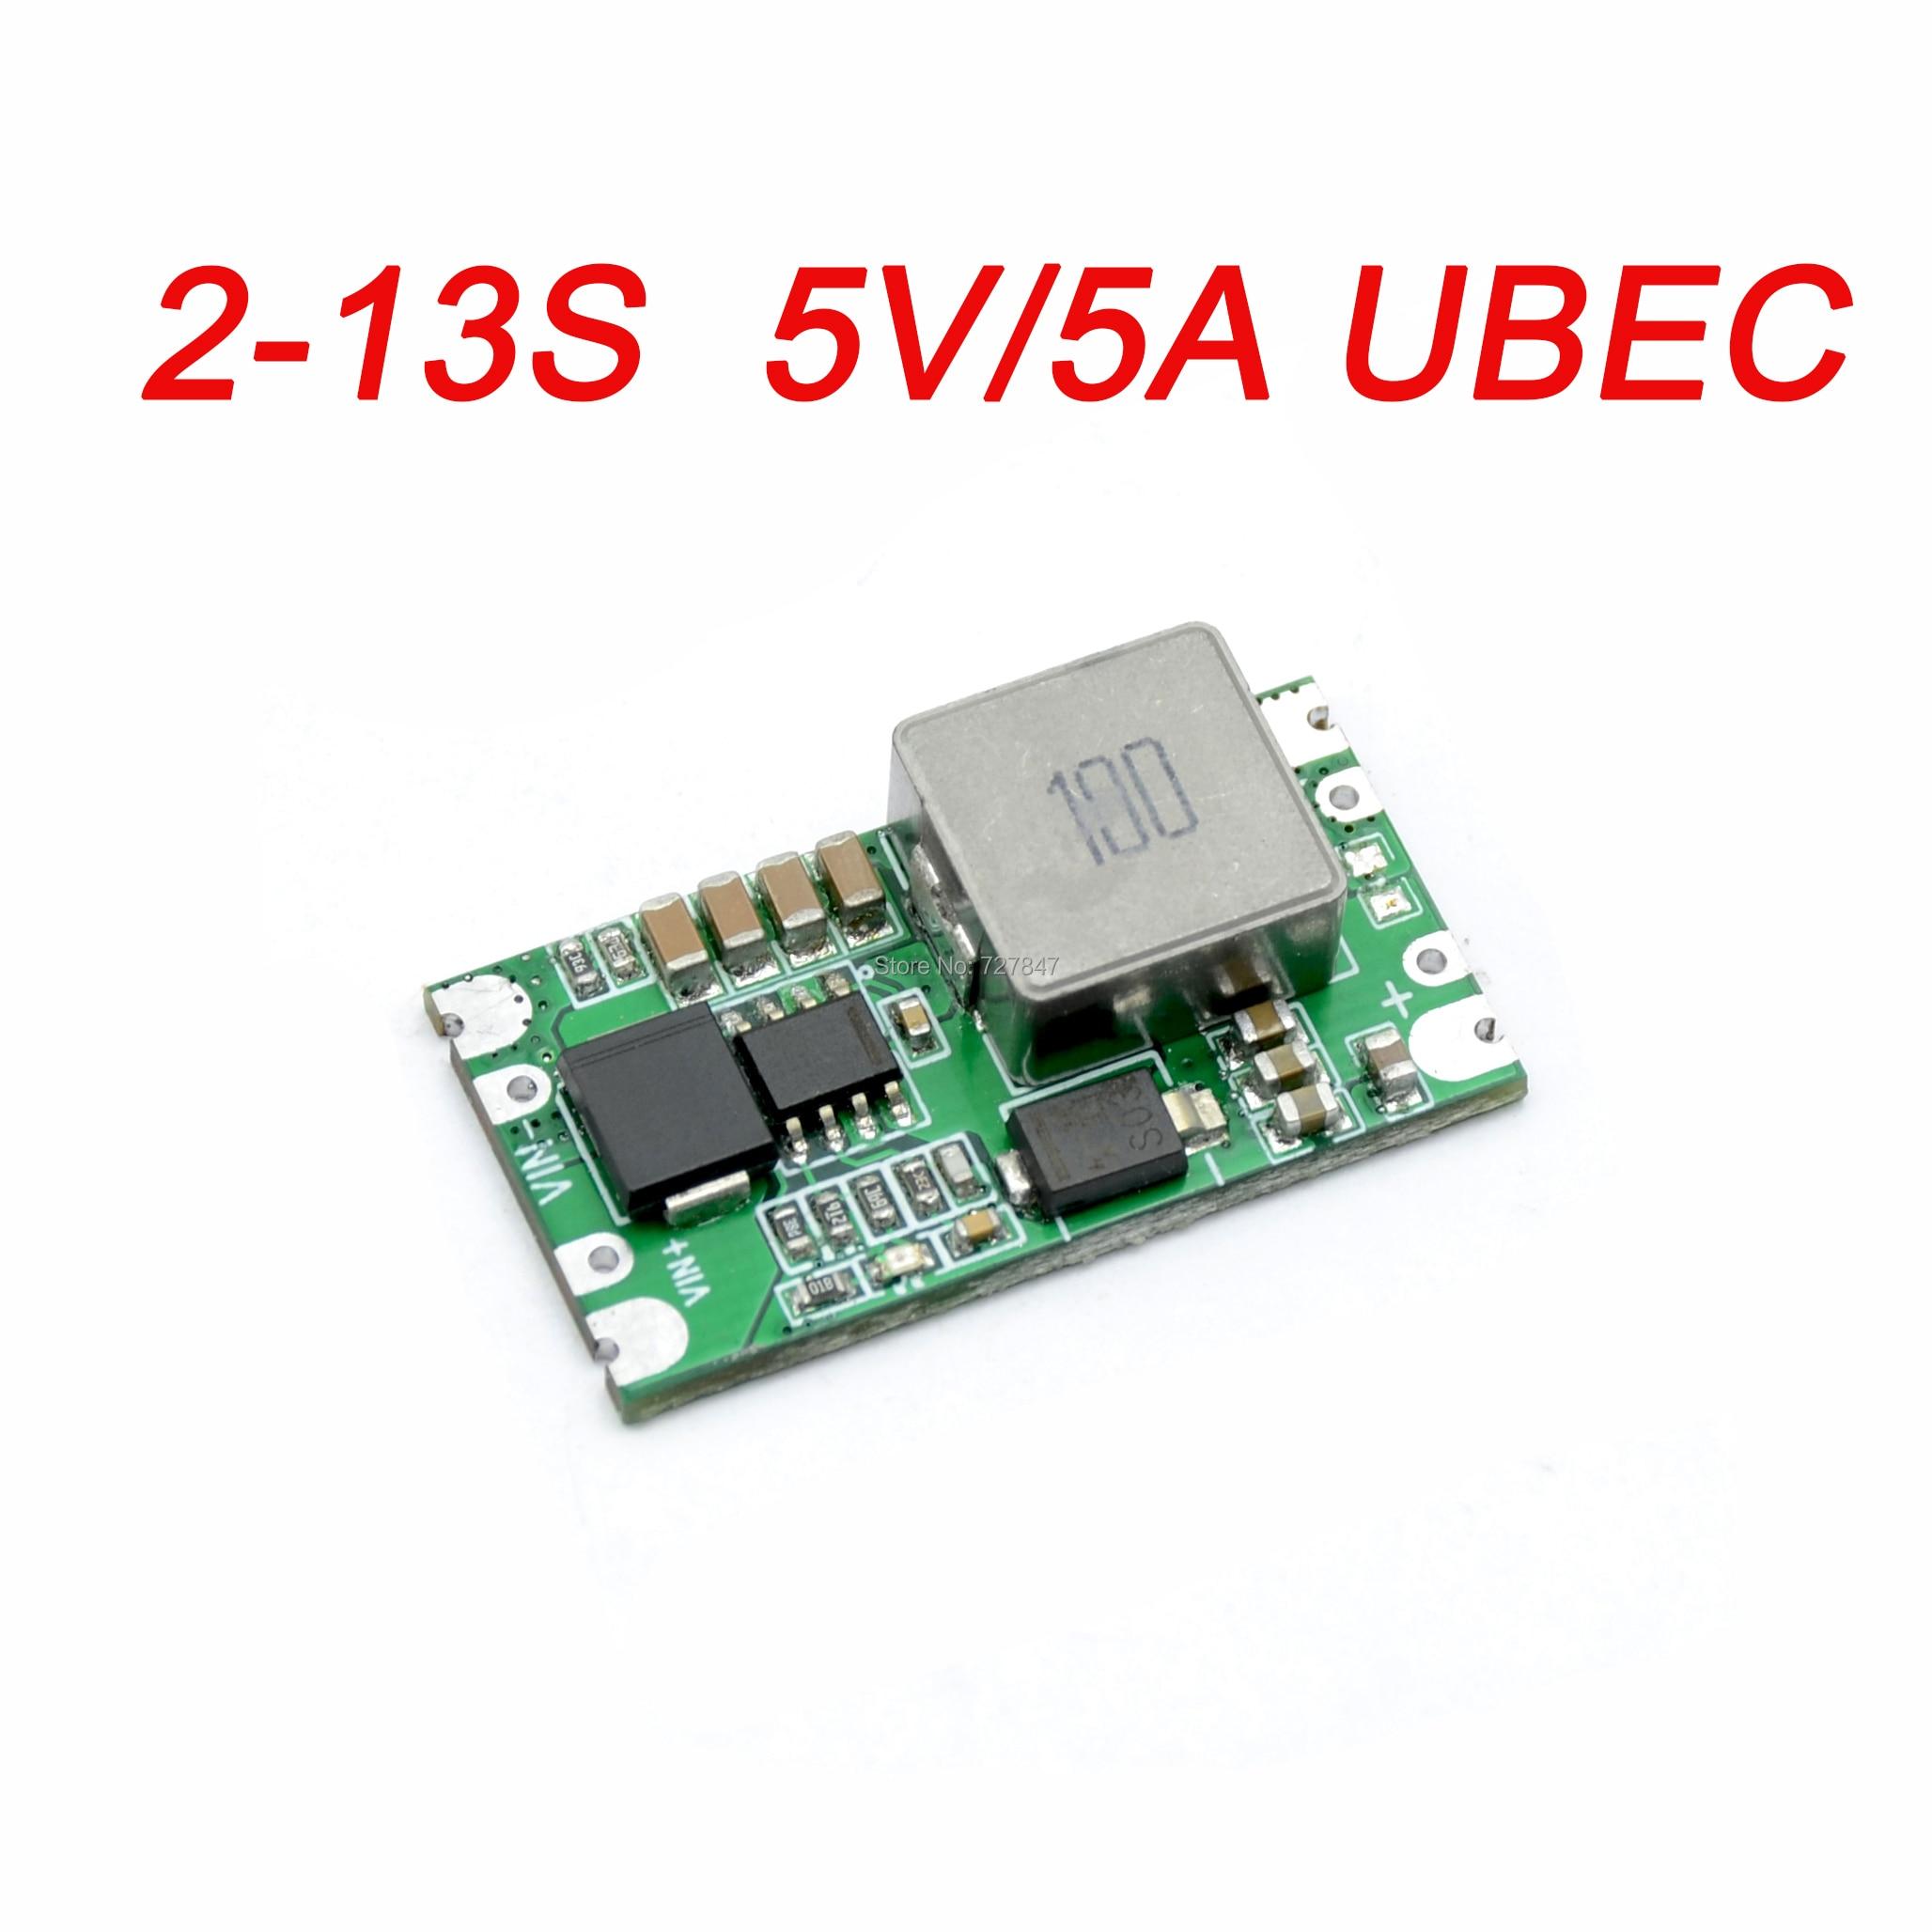 FPV Micro 5 V/5A 2-13S BEC UBEC Mini BEC 5V 5A para RC Quadcopter Drone